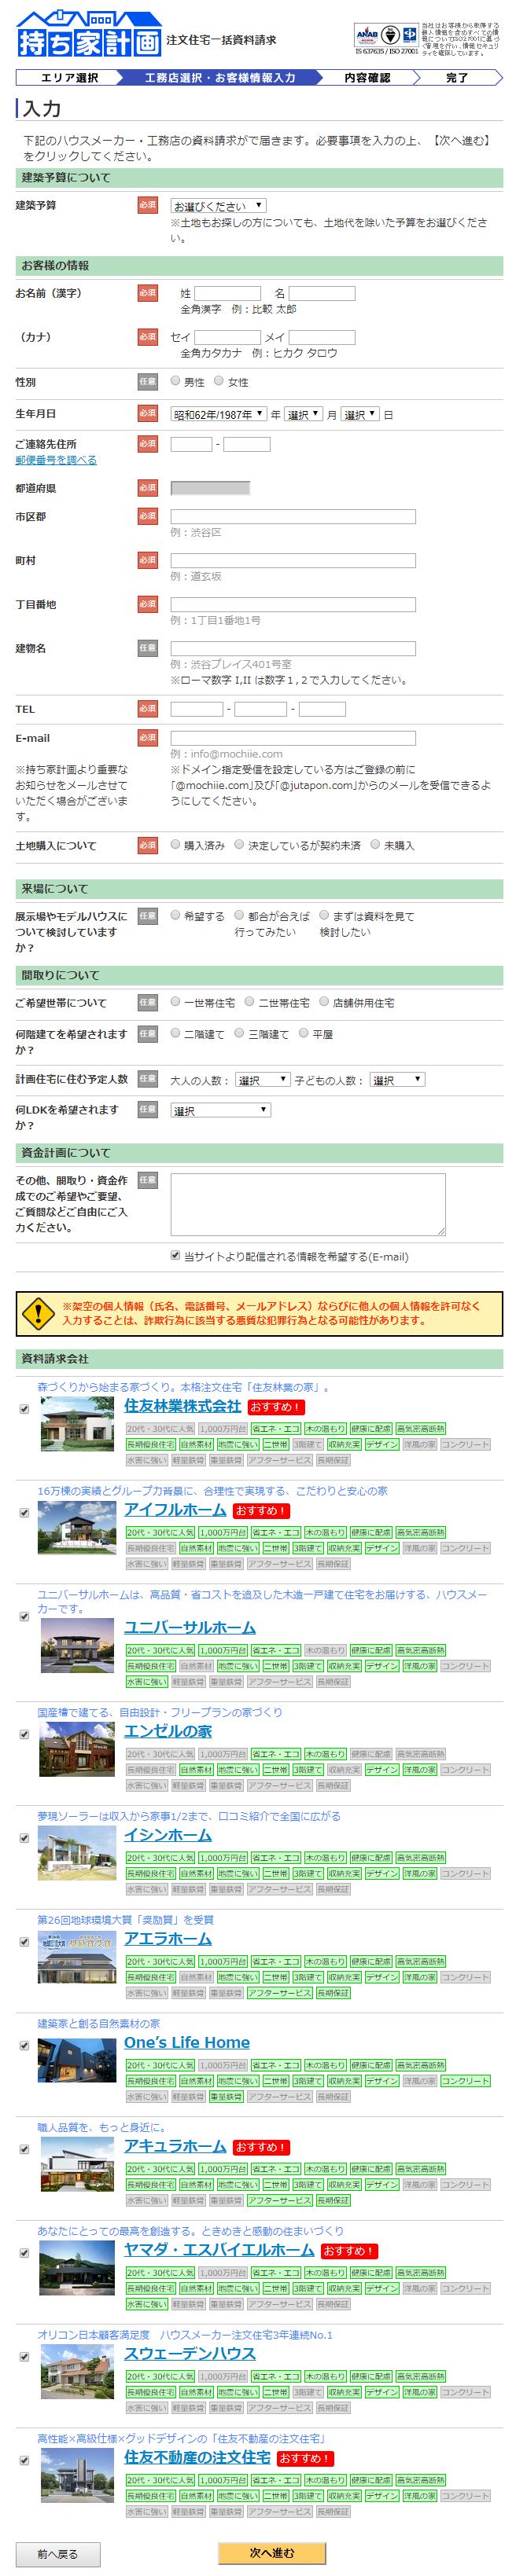 ハウスメーカー・工務店のカタログ一括請求サービスの実際の使い方その3